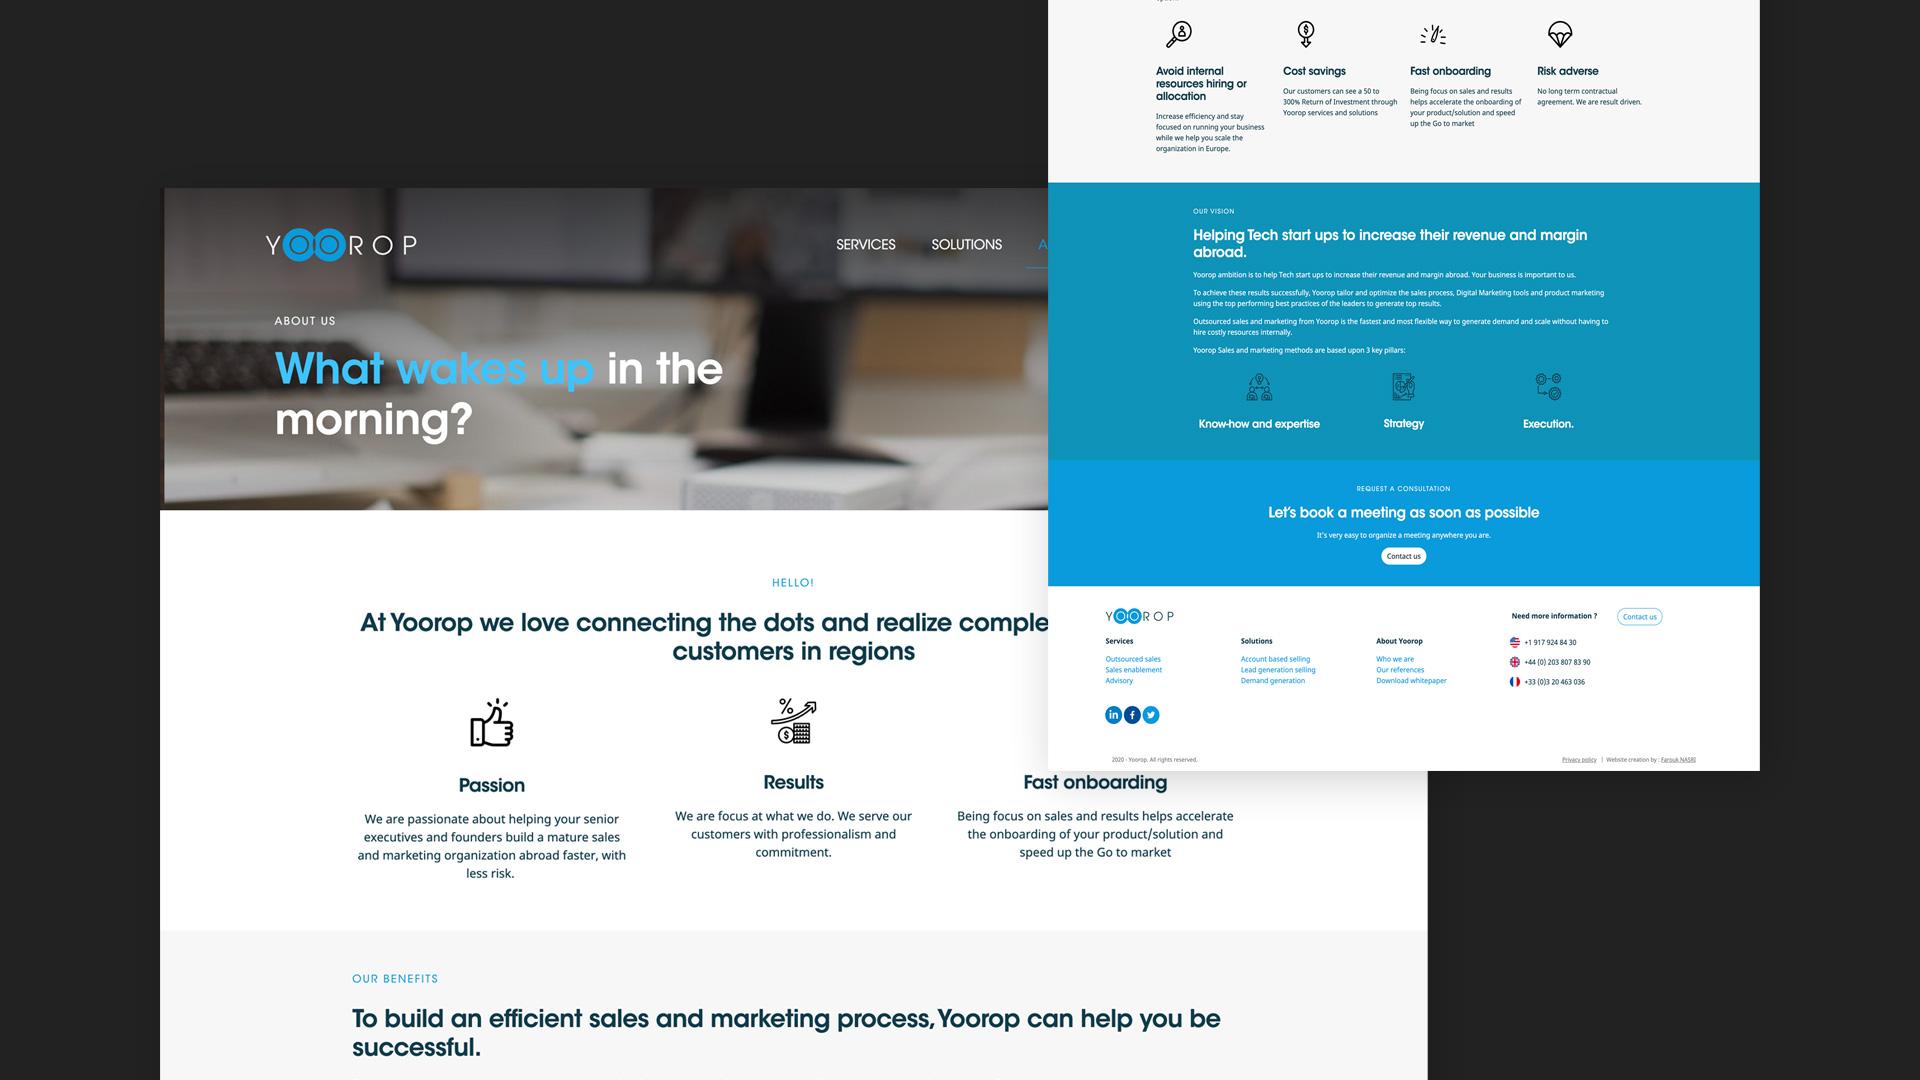 Aperçu des pages web du site internet Yoorop conçu par Farouk Nasri